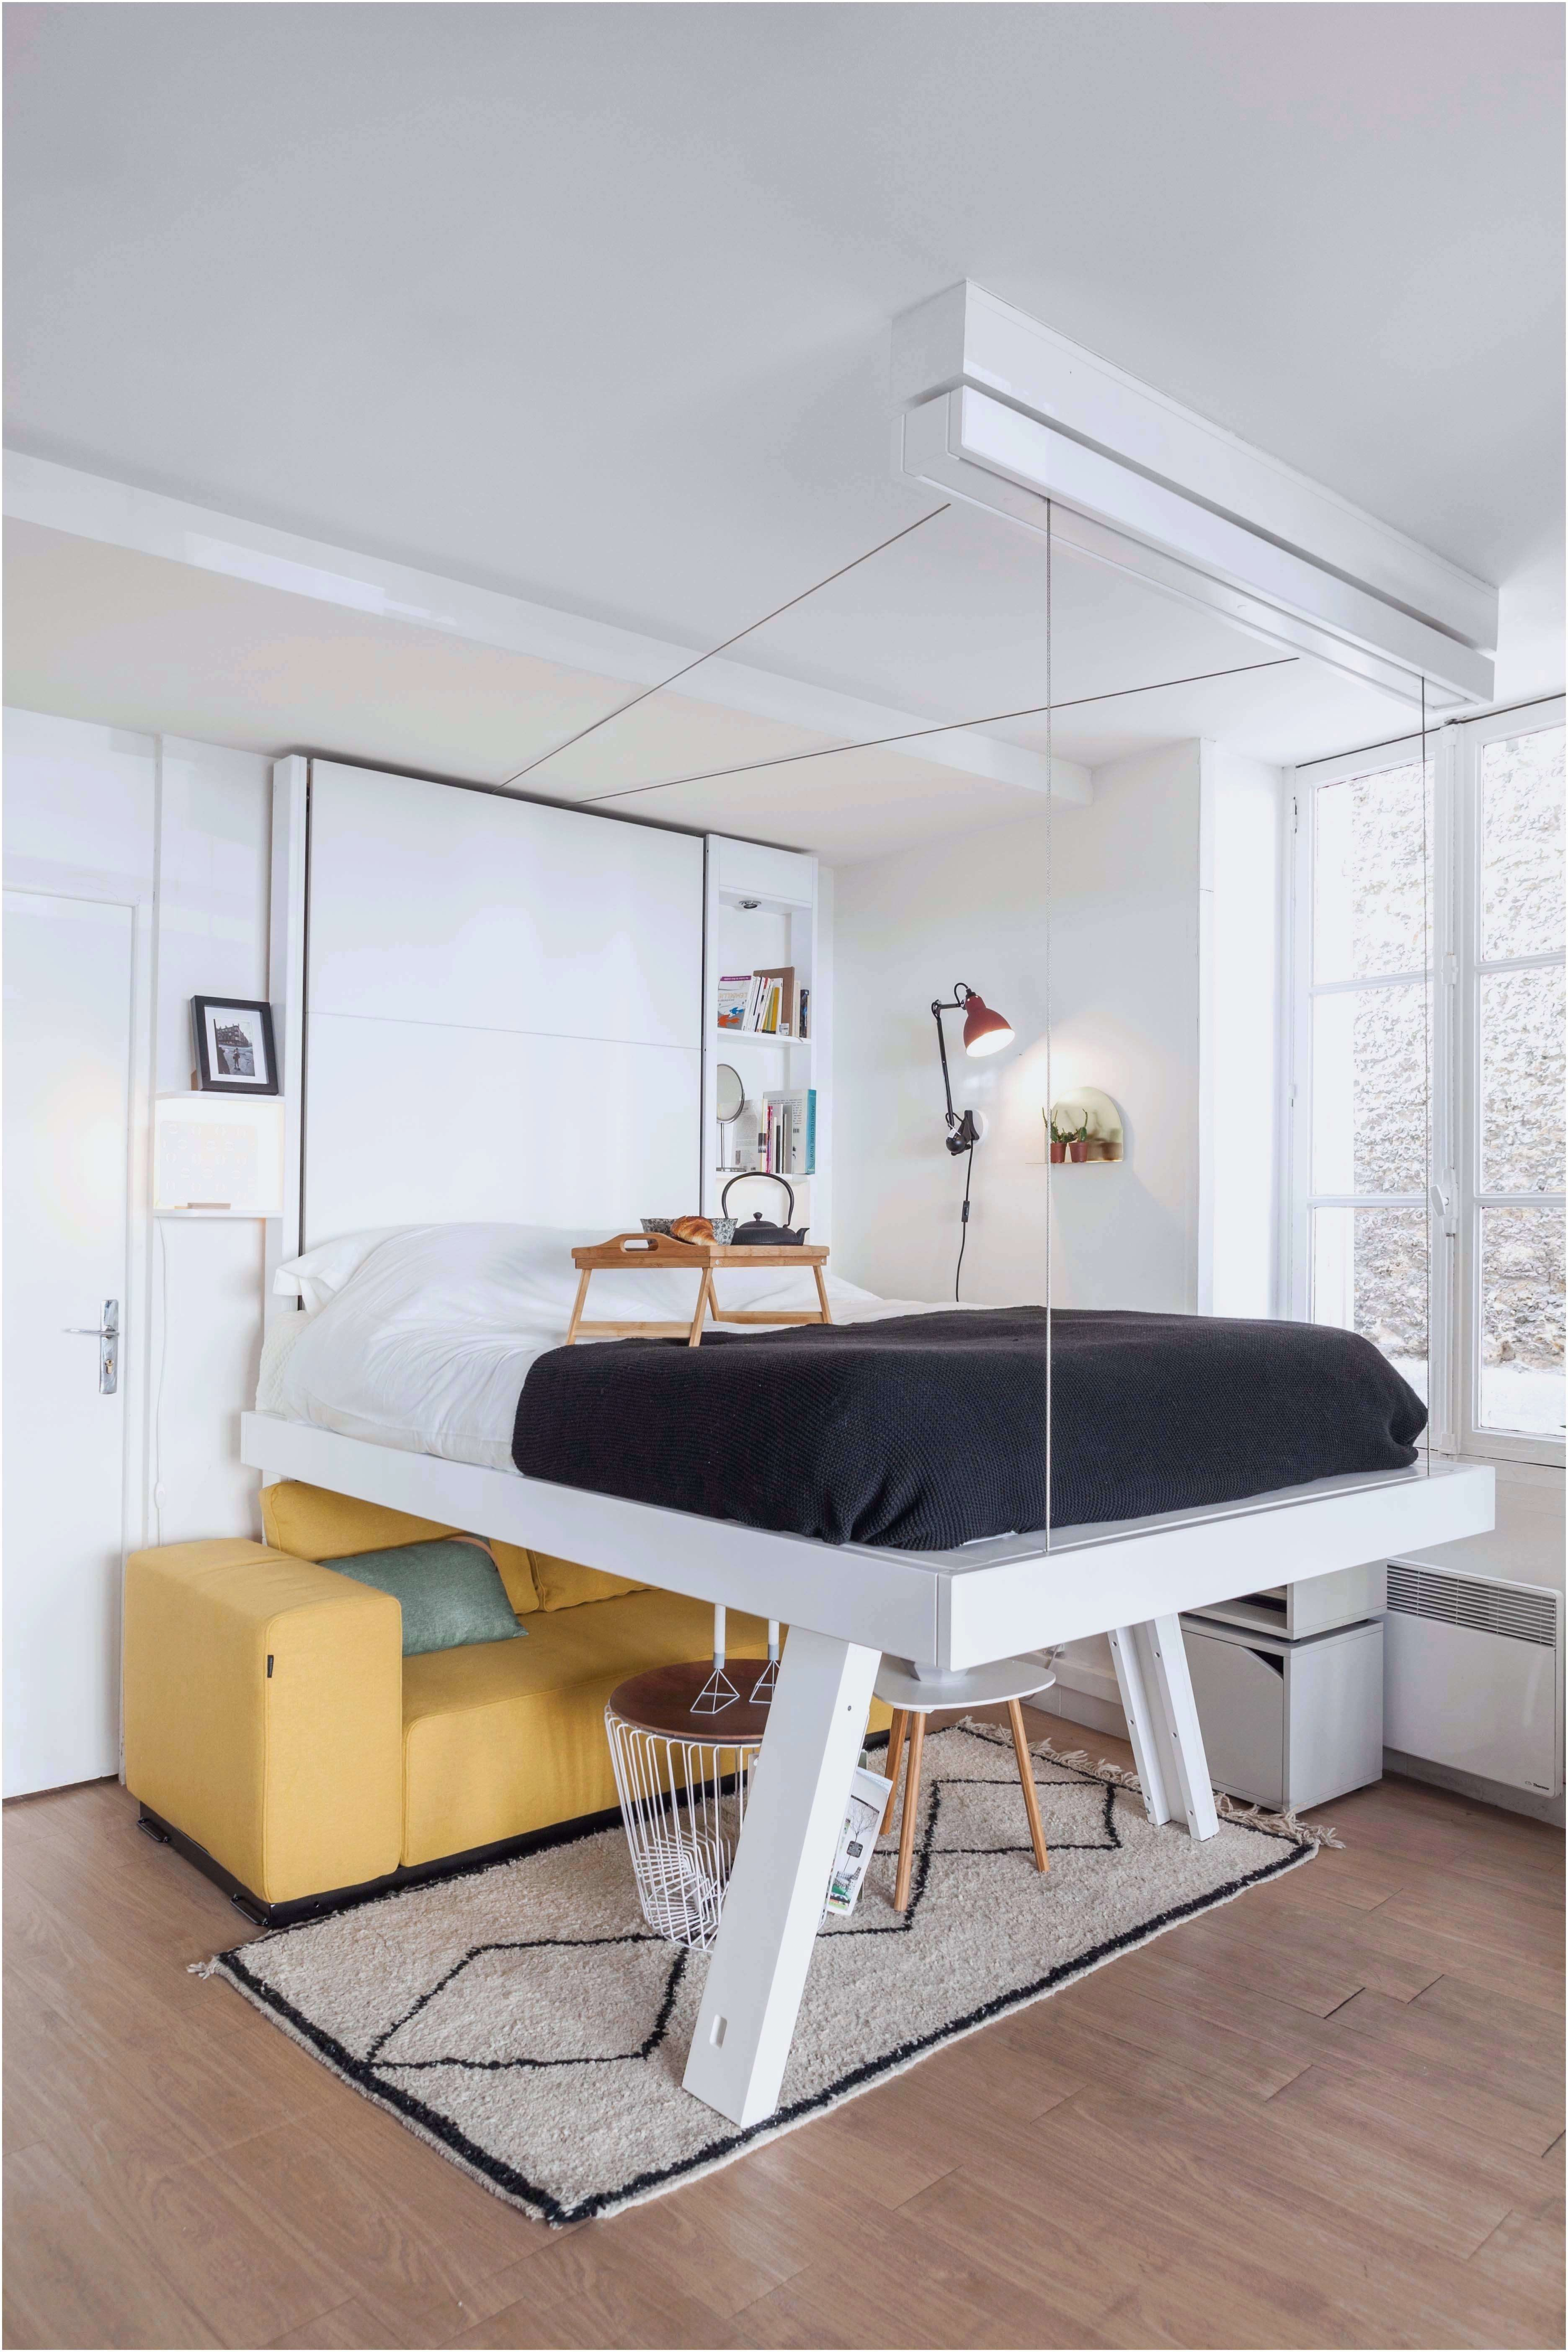 Lit Mezzanine Plateforme De Luxe Nouveau Lit Mezzanine Salon Chambre Mezzanine Adulte Beau Mezzanine